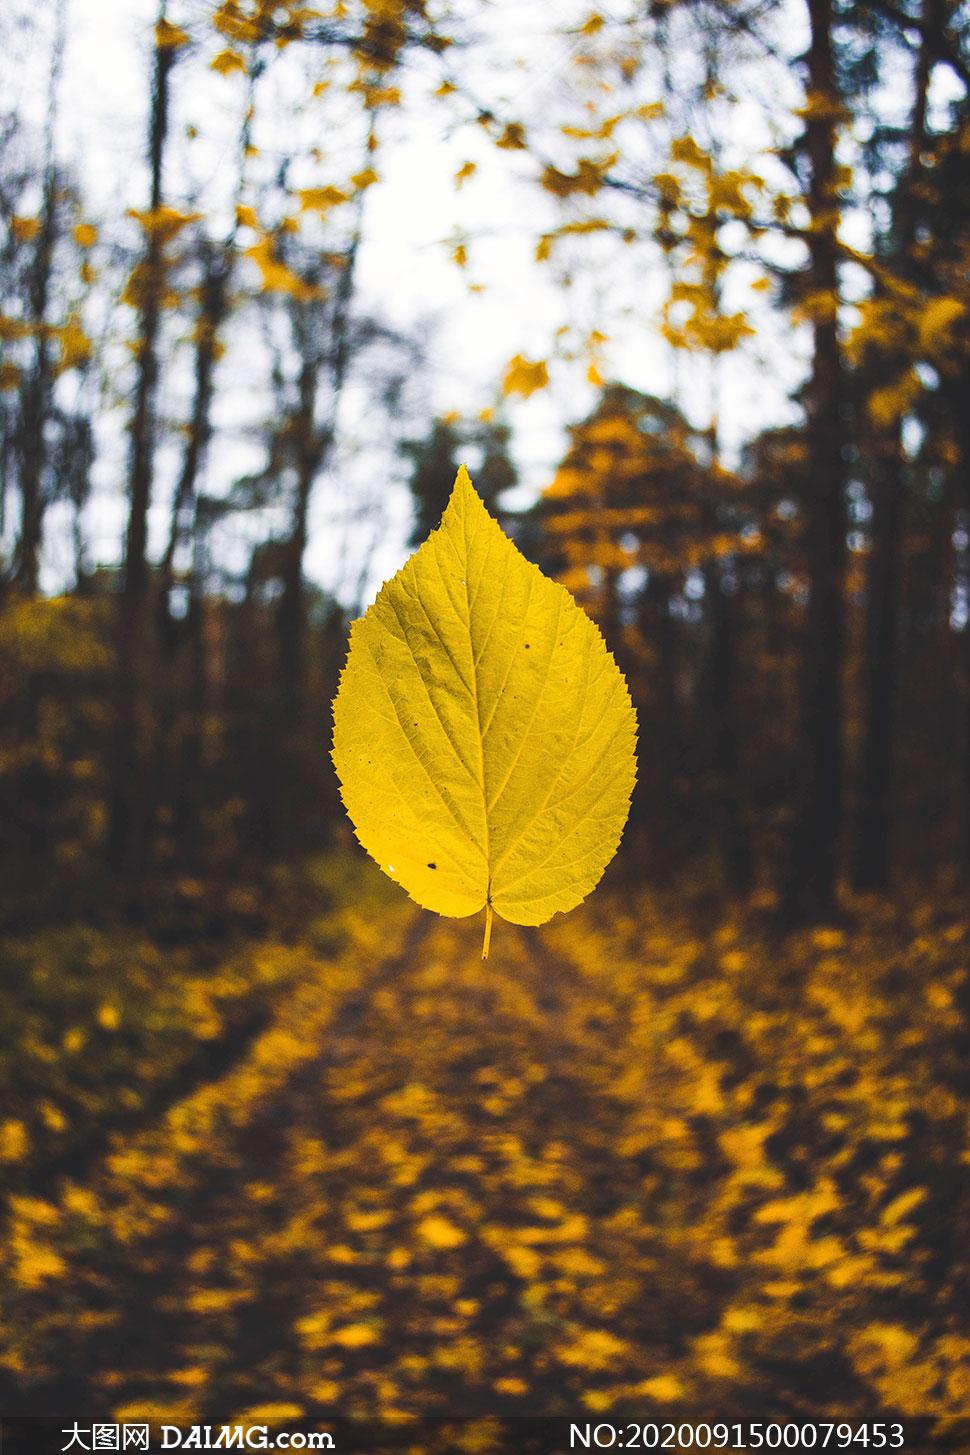 秋季飘落的树叶特写高清摄影图片